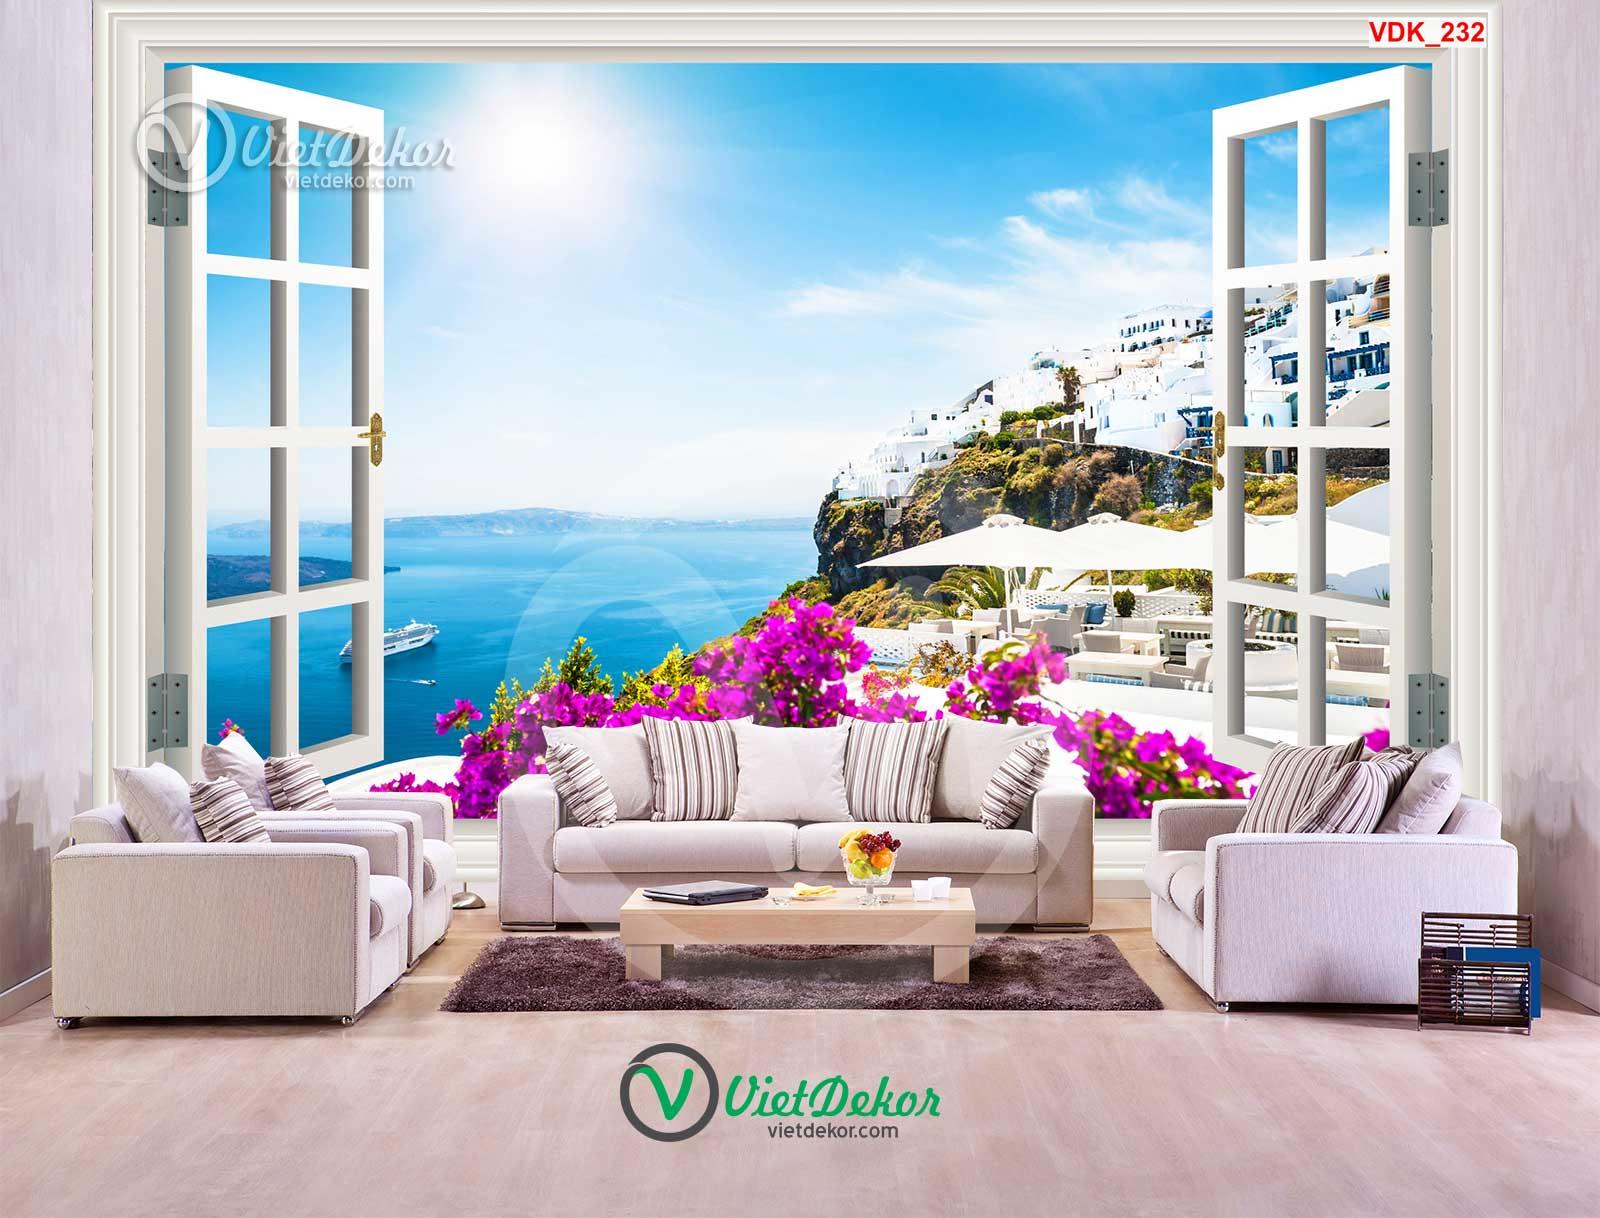 Tranh dán tường 3d cửa sổ phòng khách đẹp